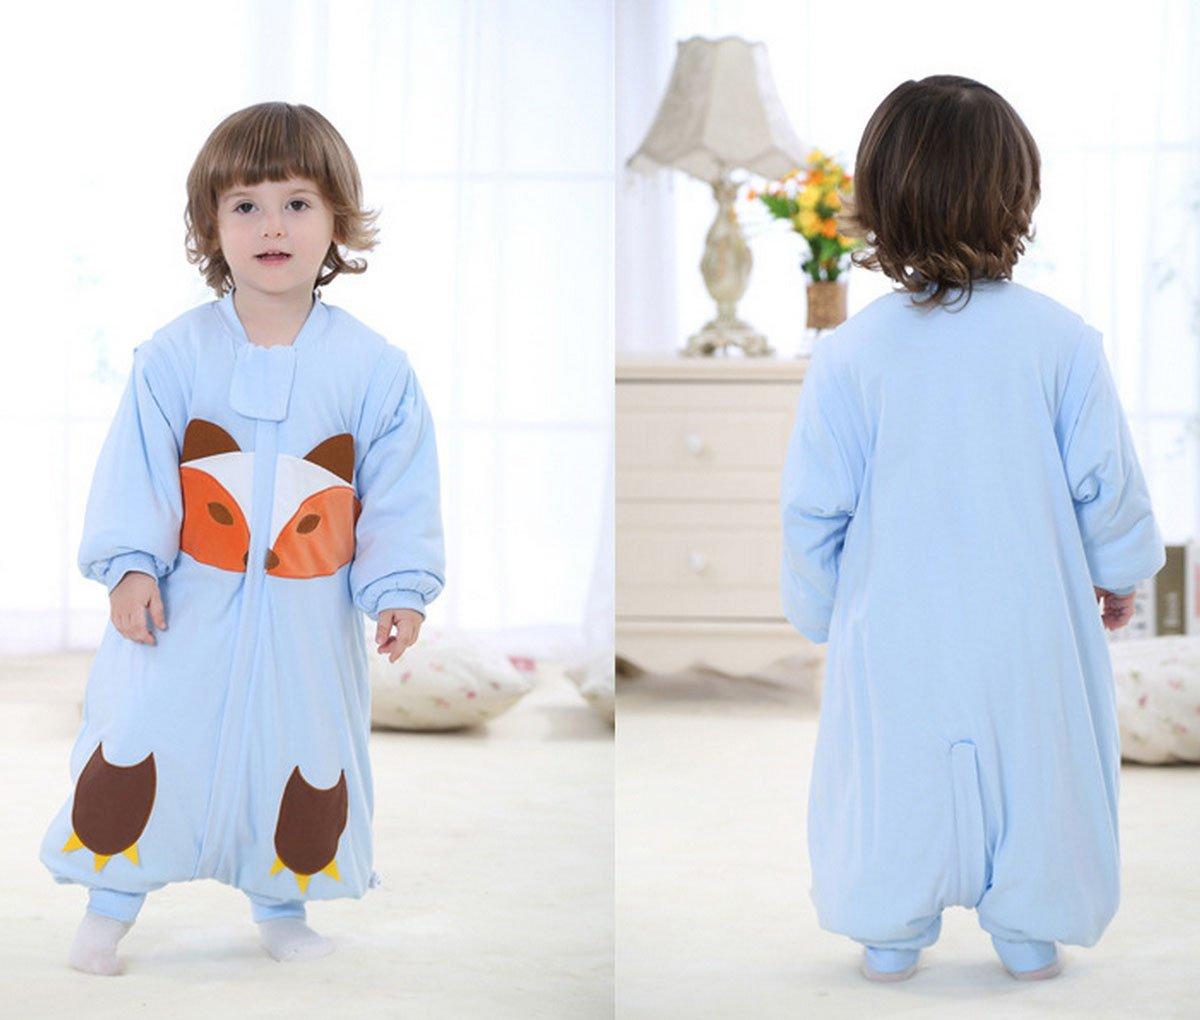 b5e1206acb67e Happy Cherry 2 en 1 Pyjama Grenouillères Combinaison Enfant Bébé Fille  Garçon - Sac de Couchage Imprimé en Coton Gigoteuse Épais avec Manches ...